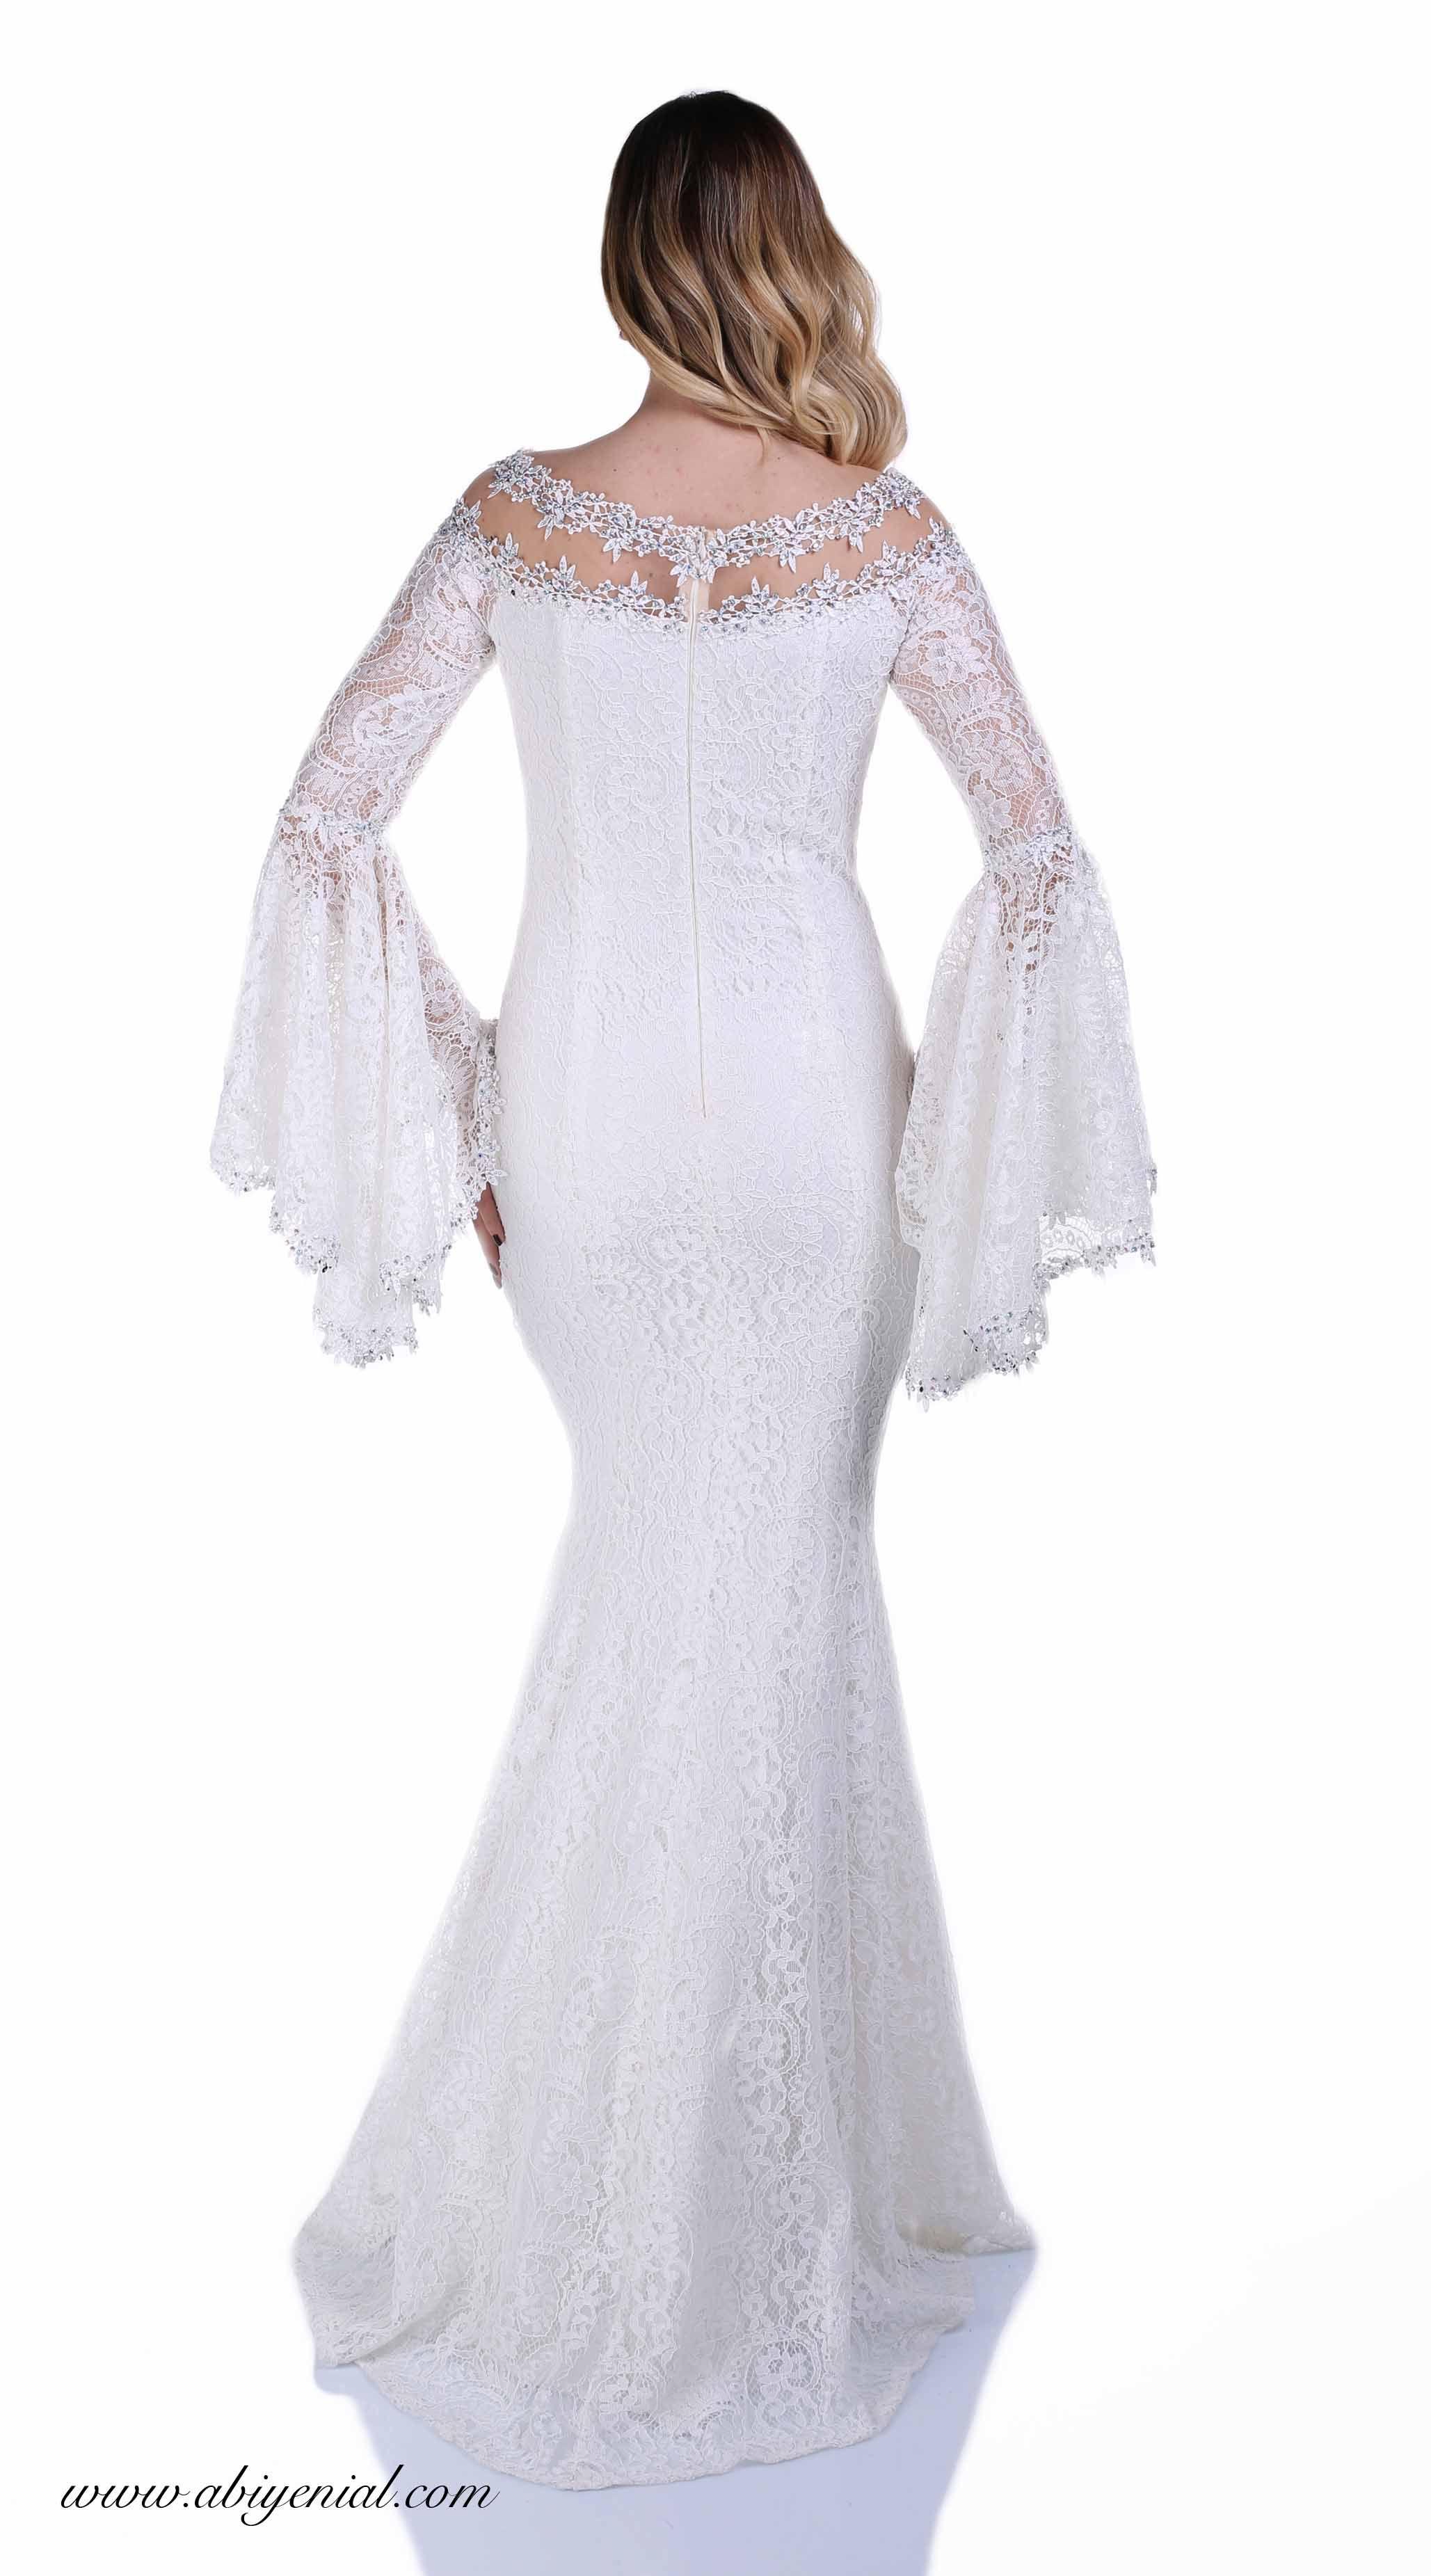 Dantel Balik Abiye Elbise Volan Kollu Nikah Abiyesi Nikah Beyaz Sade Uzun Balikabiye Dantelli 2018 2019 Romantik Ek Elbise Moda Stilleri The Dress